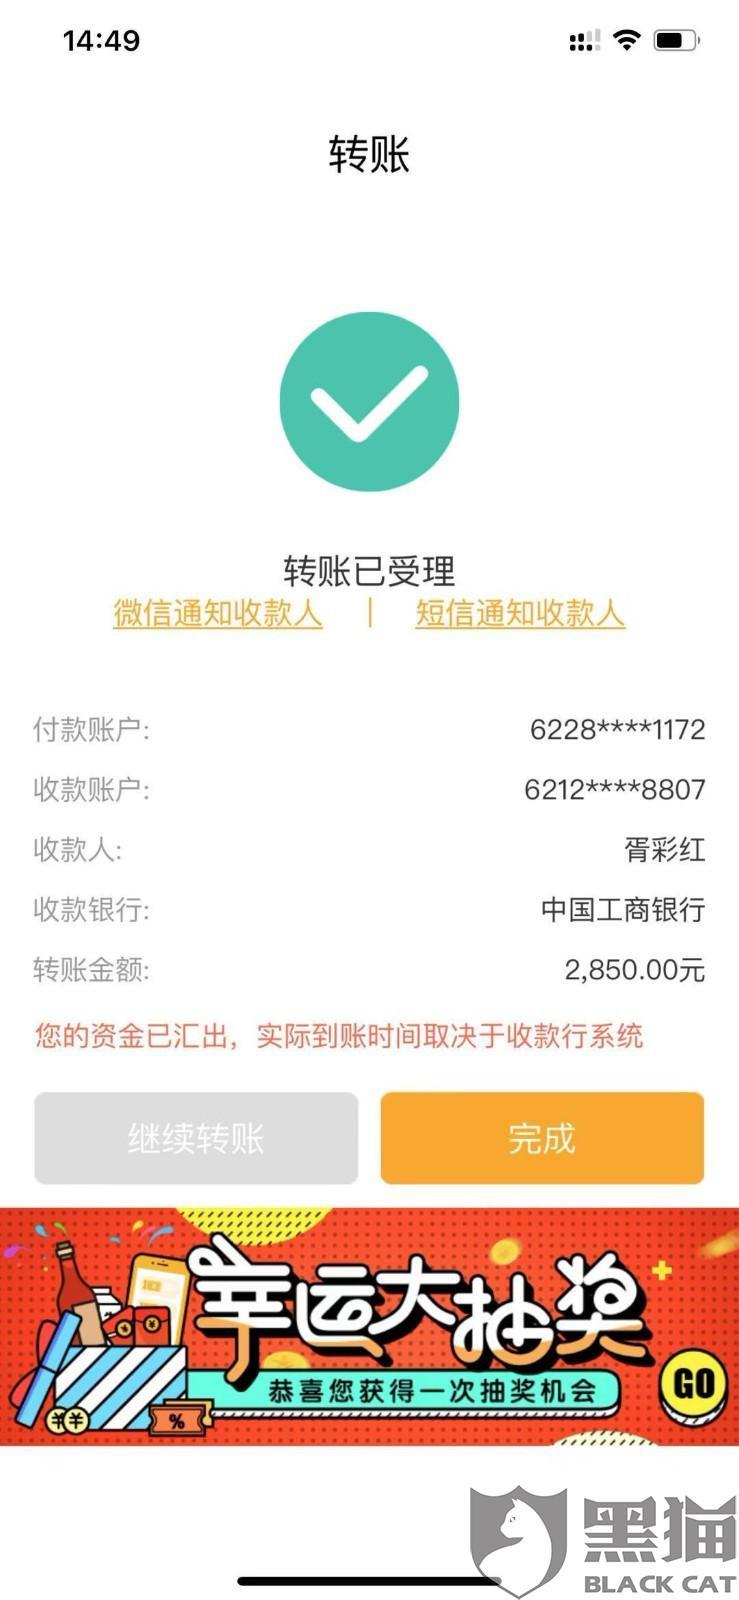 黑猫投诉:360借条北京奇虎科技有限公司 以办理贷款为由,各种套路骗取本人5700元